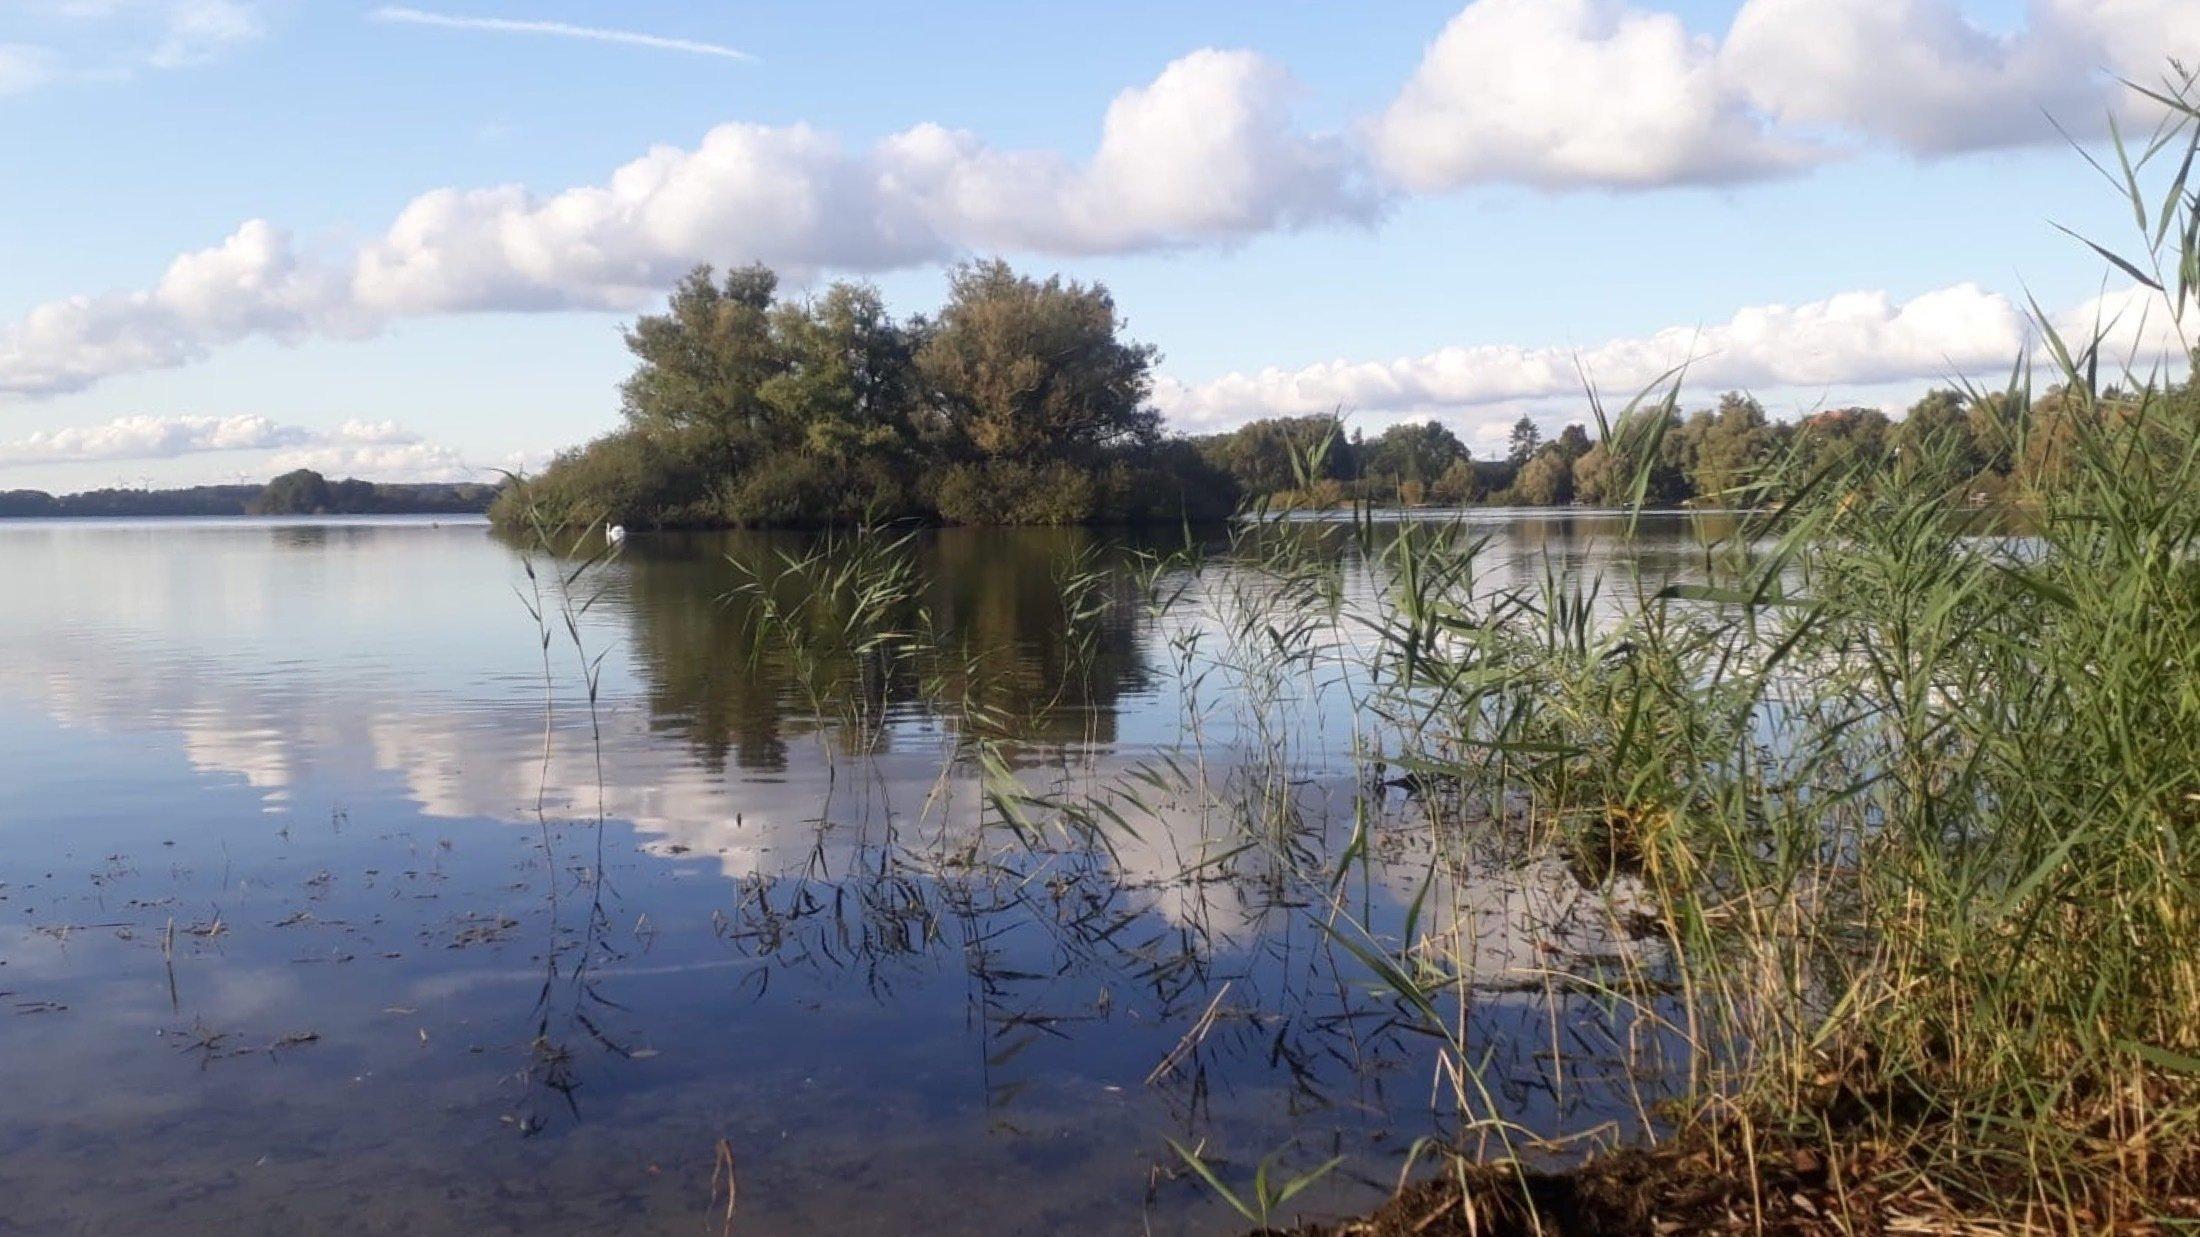 Das Bild stellt einen See dar, in dessen Mitte sich eine bewaldete Insel befindet. Es liegt ein Hauch von Herbststimmung in der Luft.